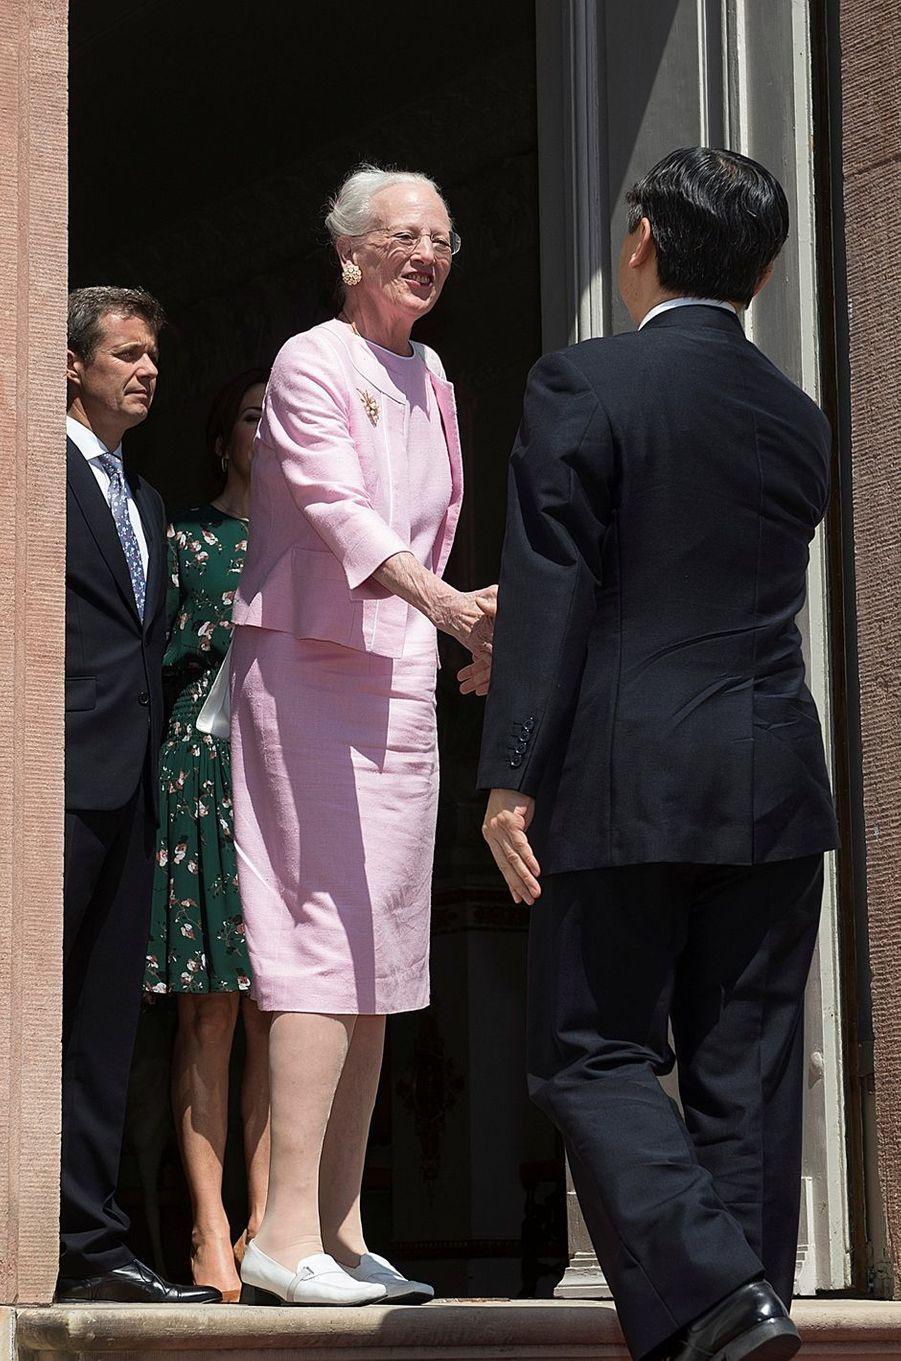 La reine Margrethe II de Danemark avec le prince Naruhito du Japon à Fredensborg, le 18 juin 2017